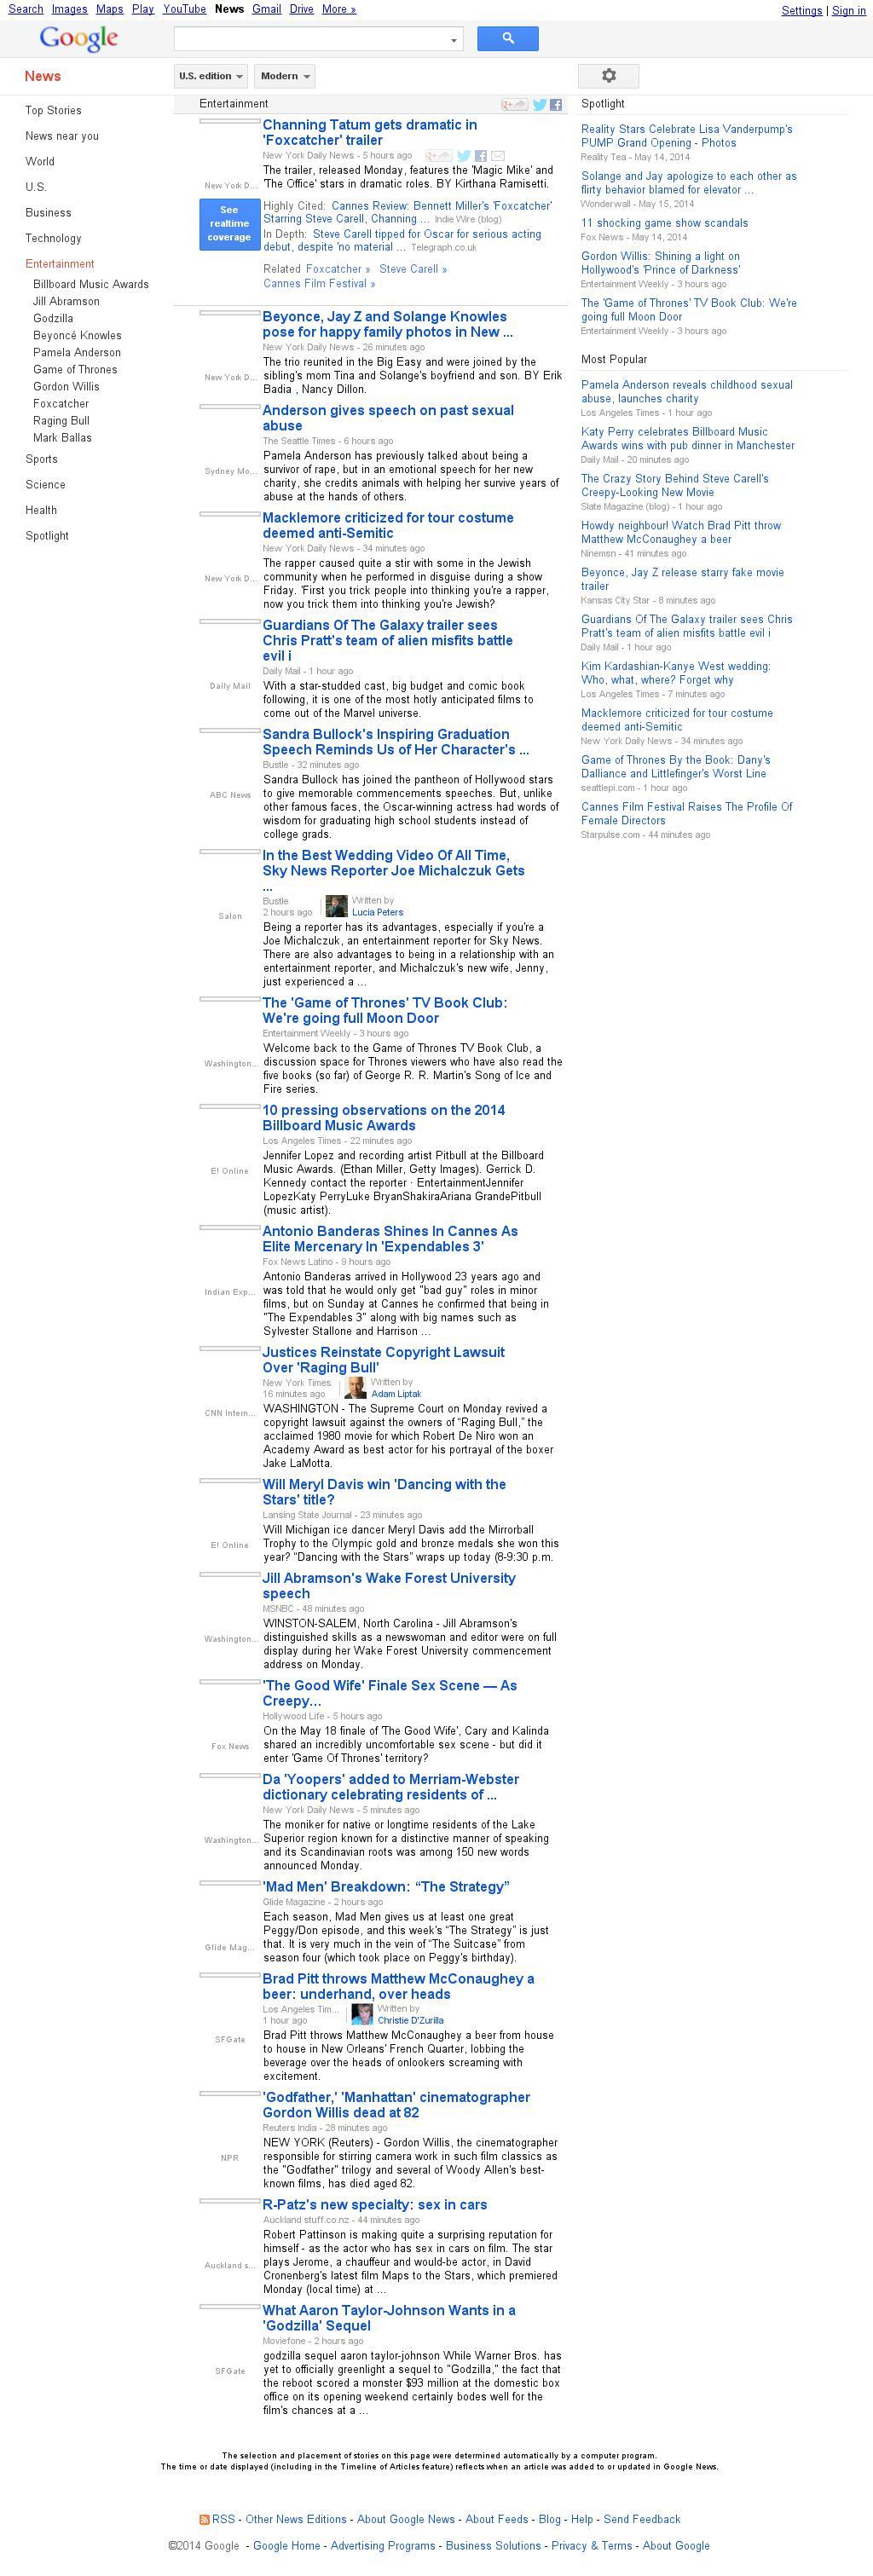 Google News: Entertainment at Tuesday May 20, 2014, 12:09 a.m. UTC